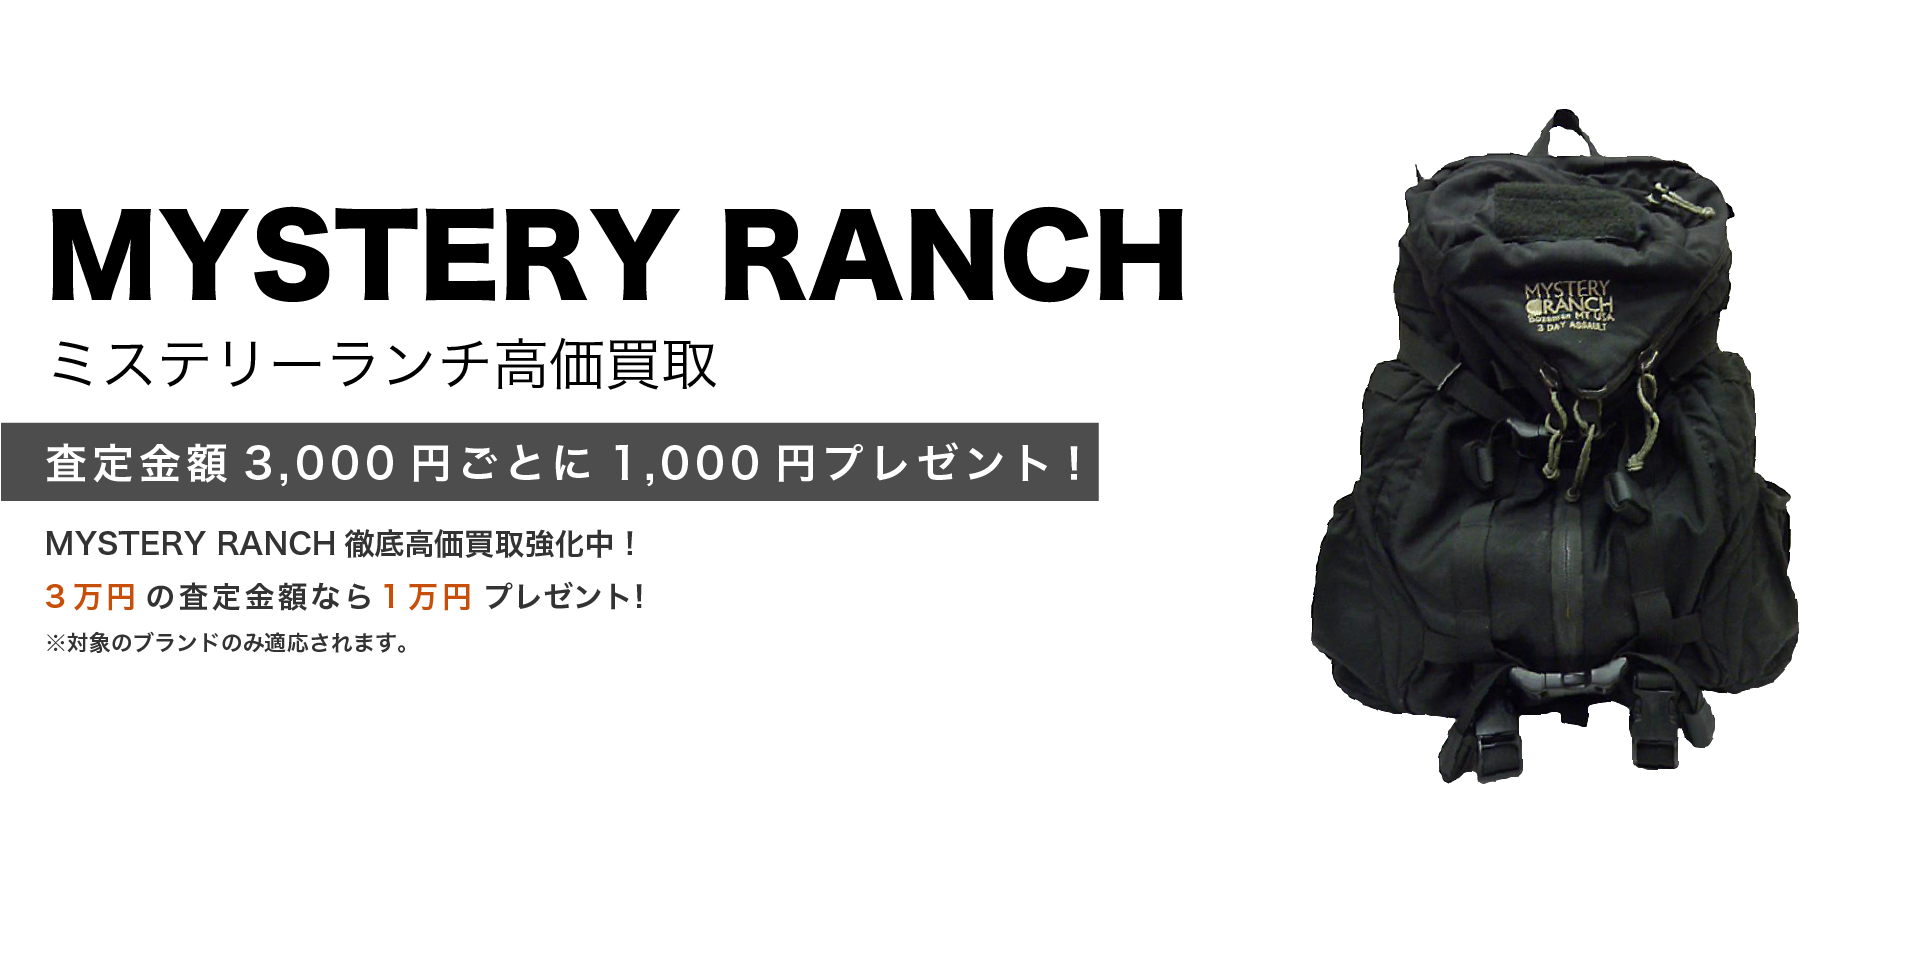 MYSTERY RANCHのキービジュアル